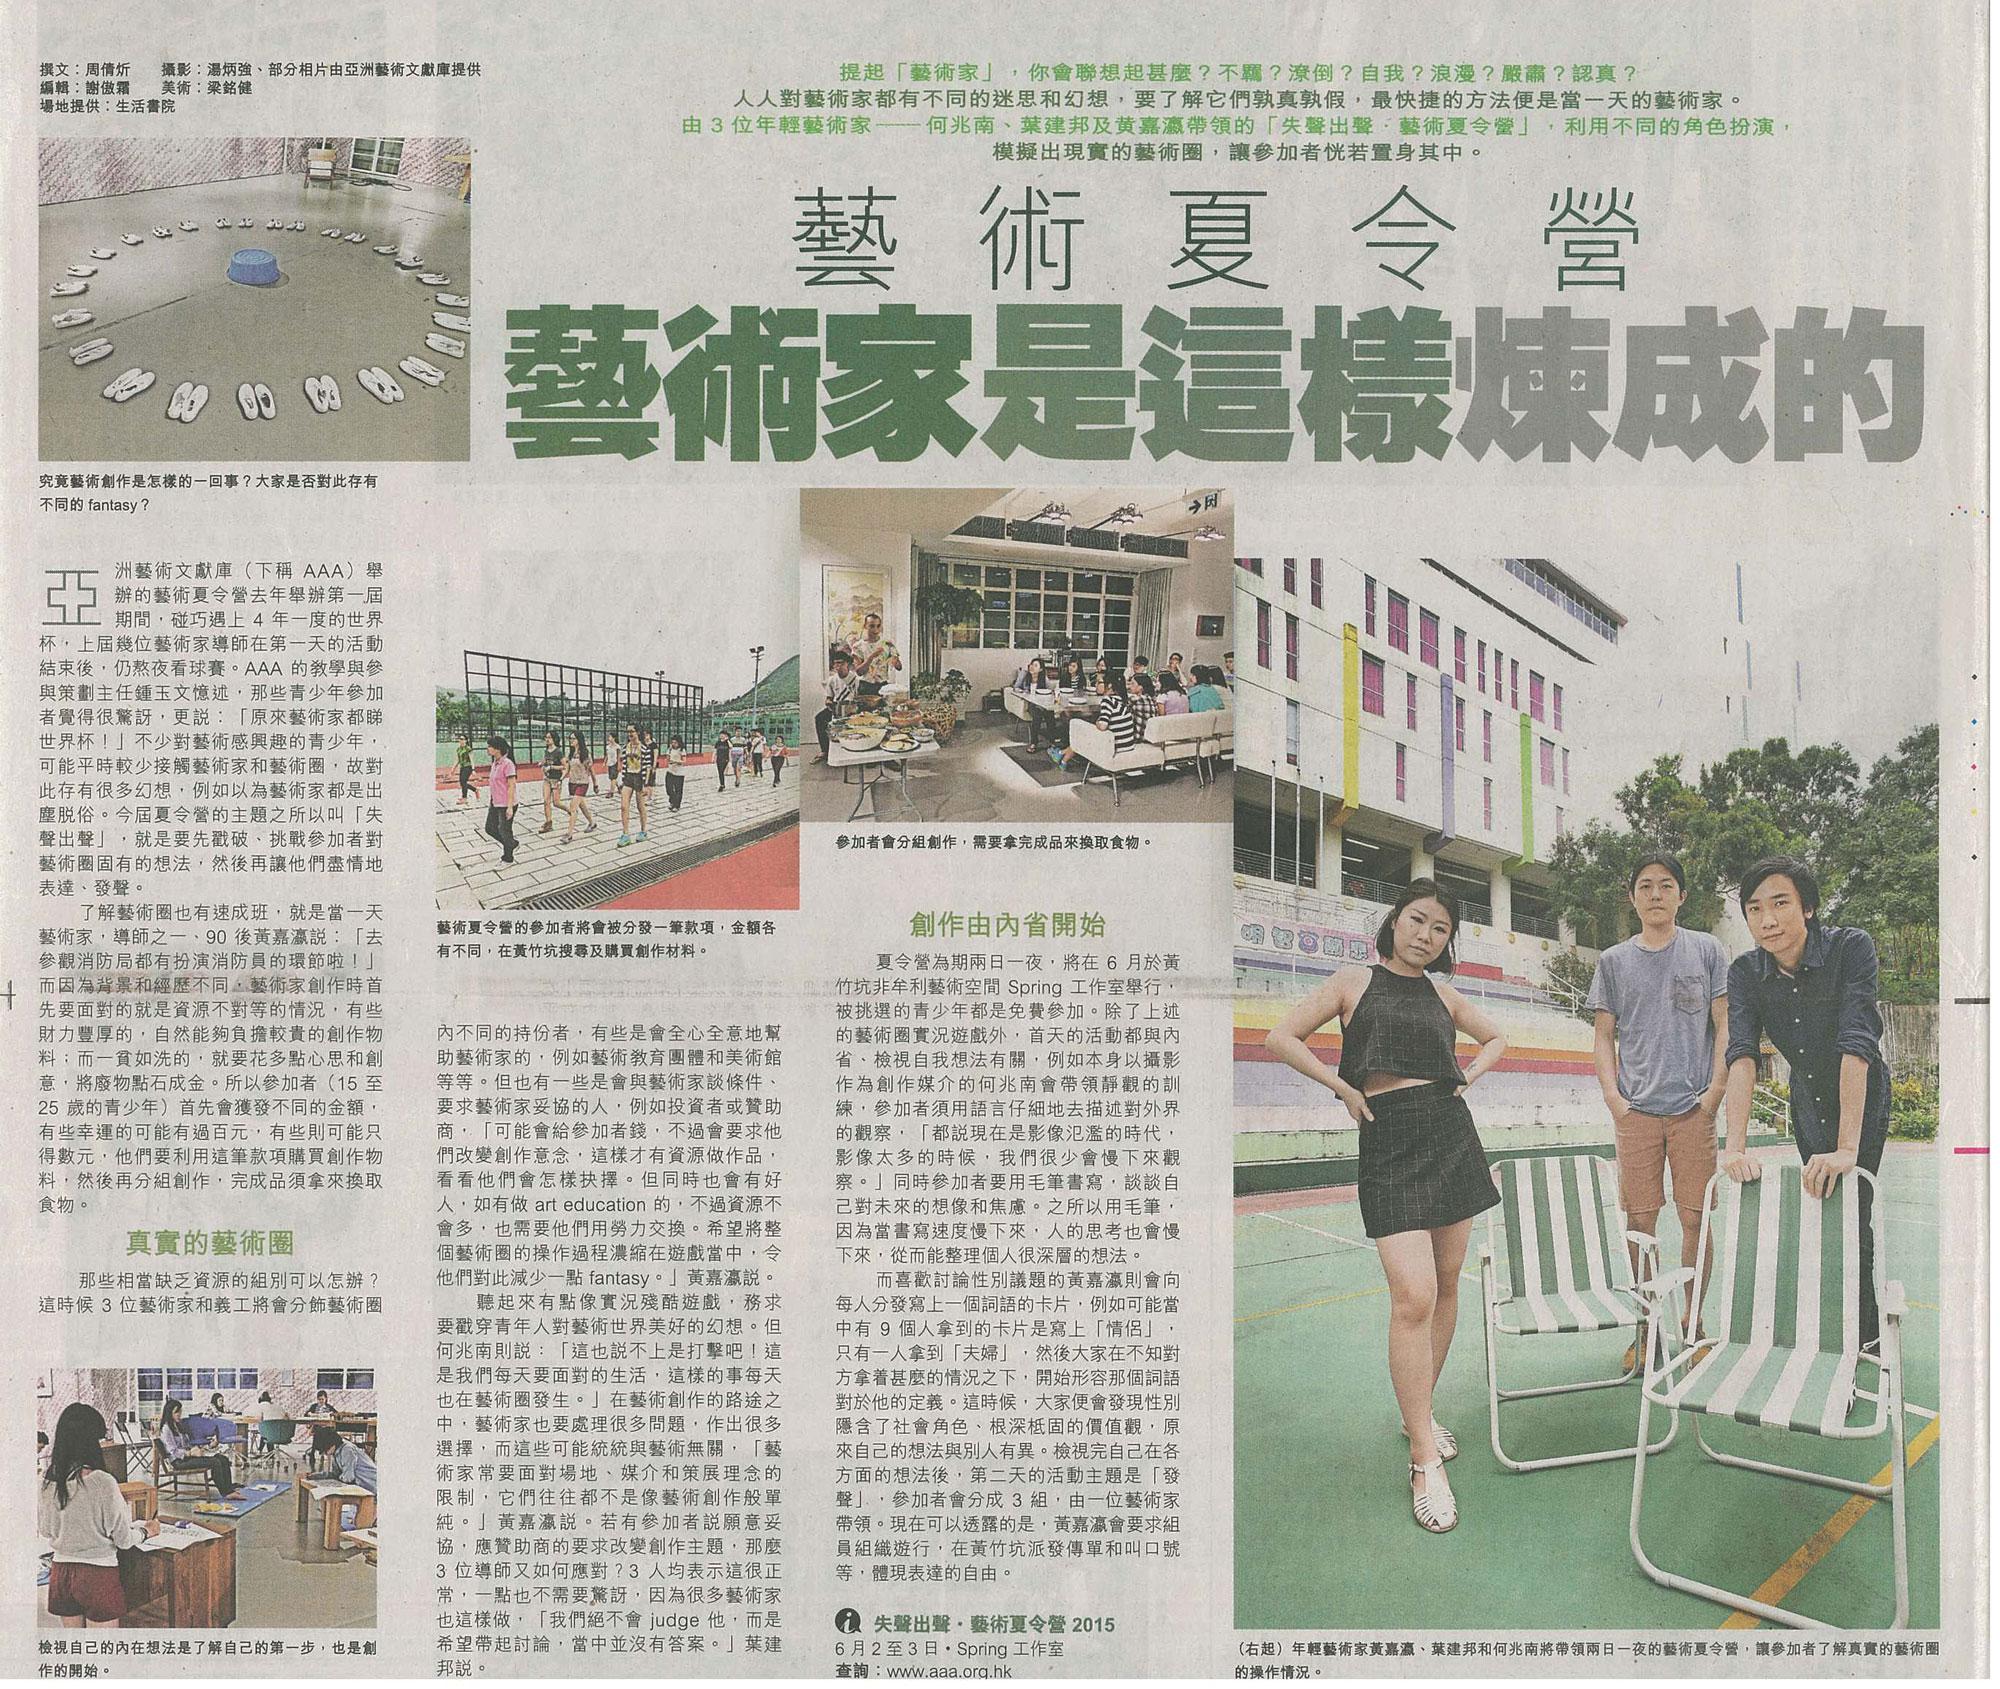 2015.05.20 藝術夏令營 藝術家是這樣練成的 (香港經濟日報, 香港)